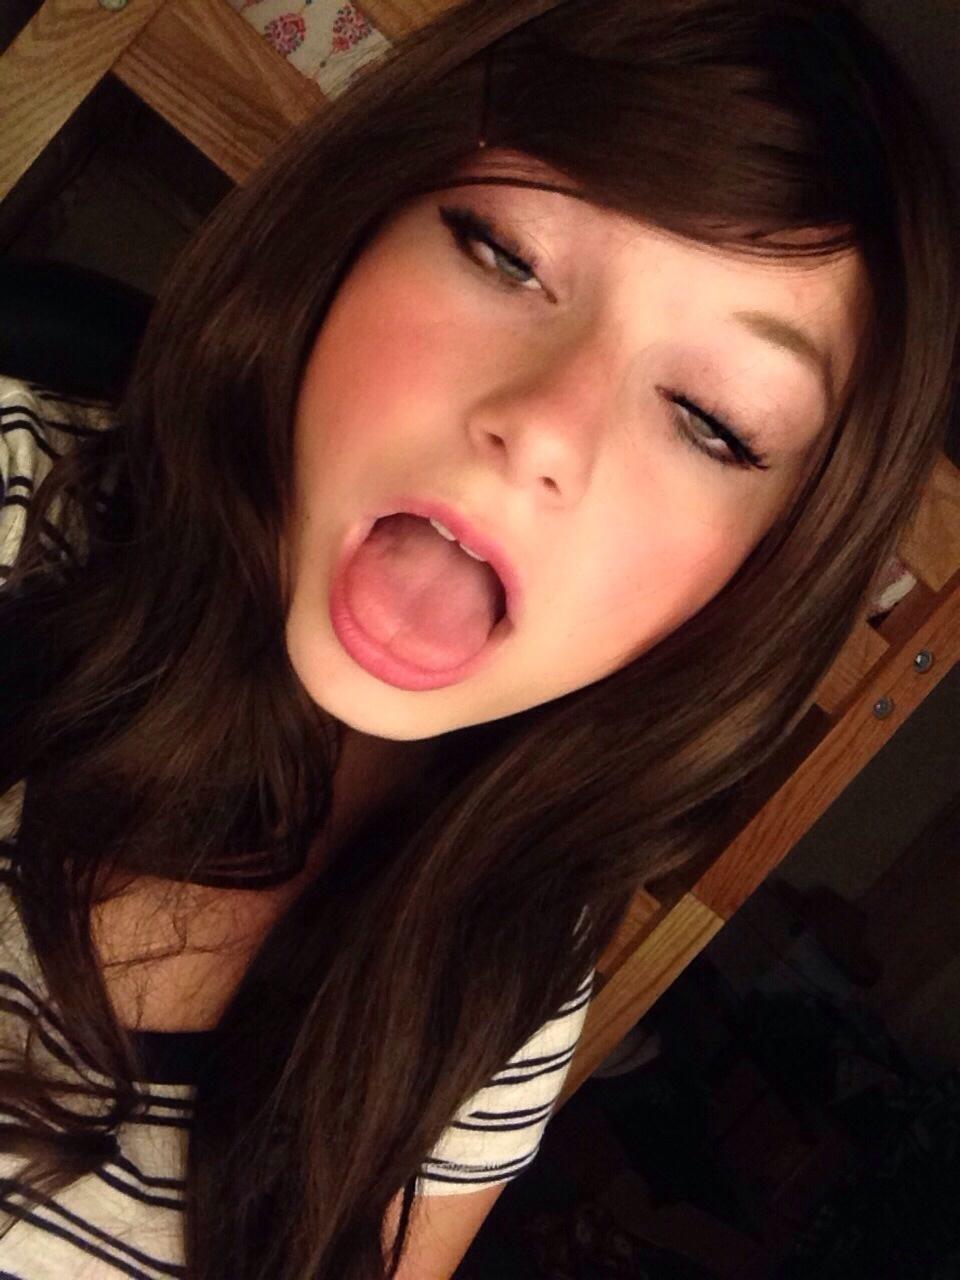 Petite brunette ball gag